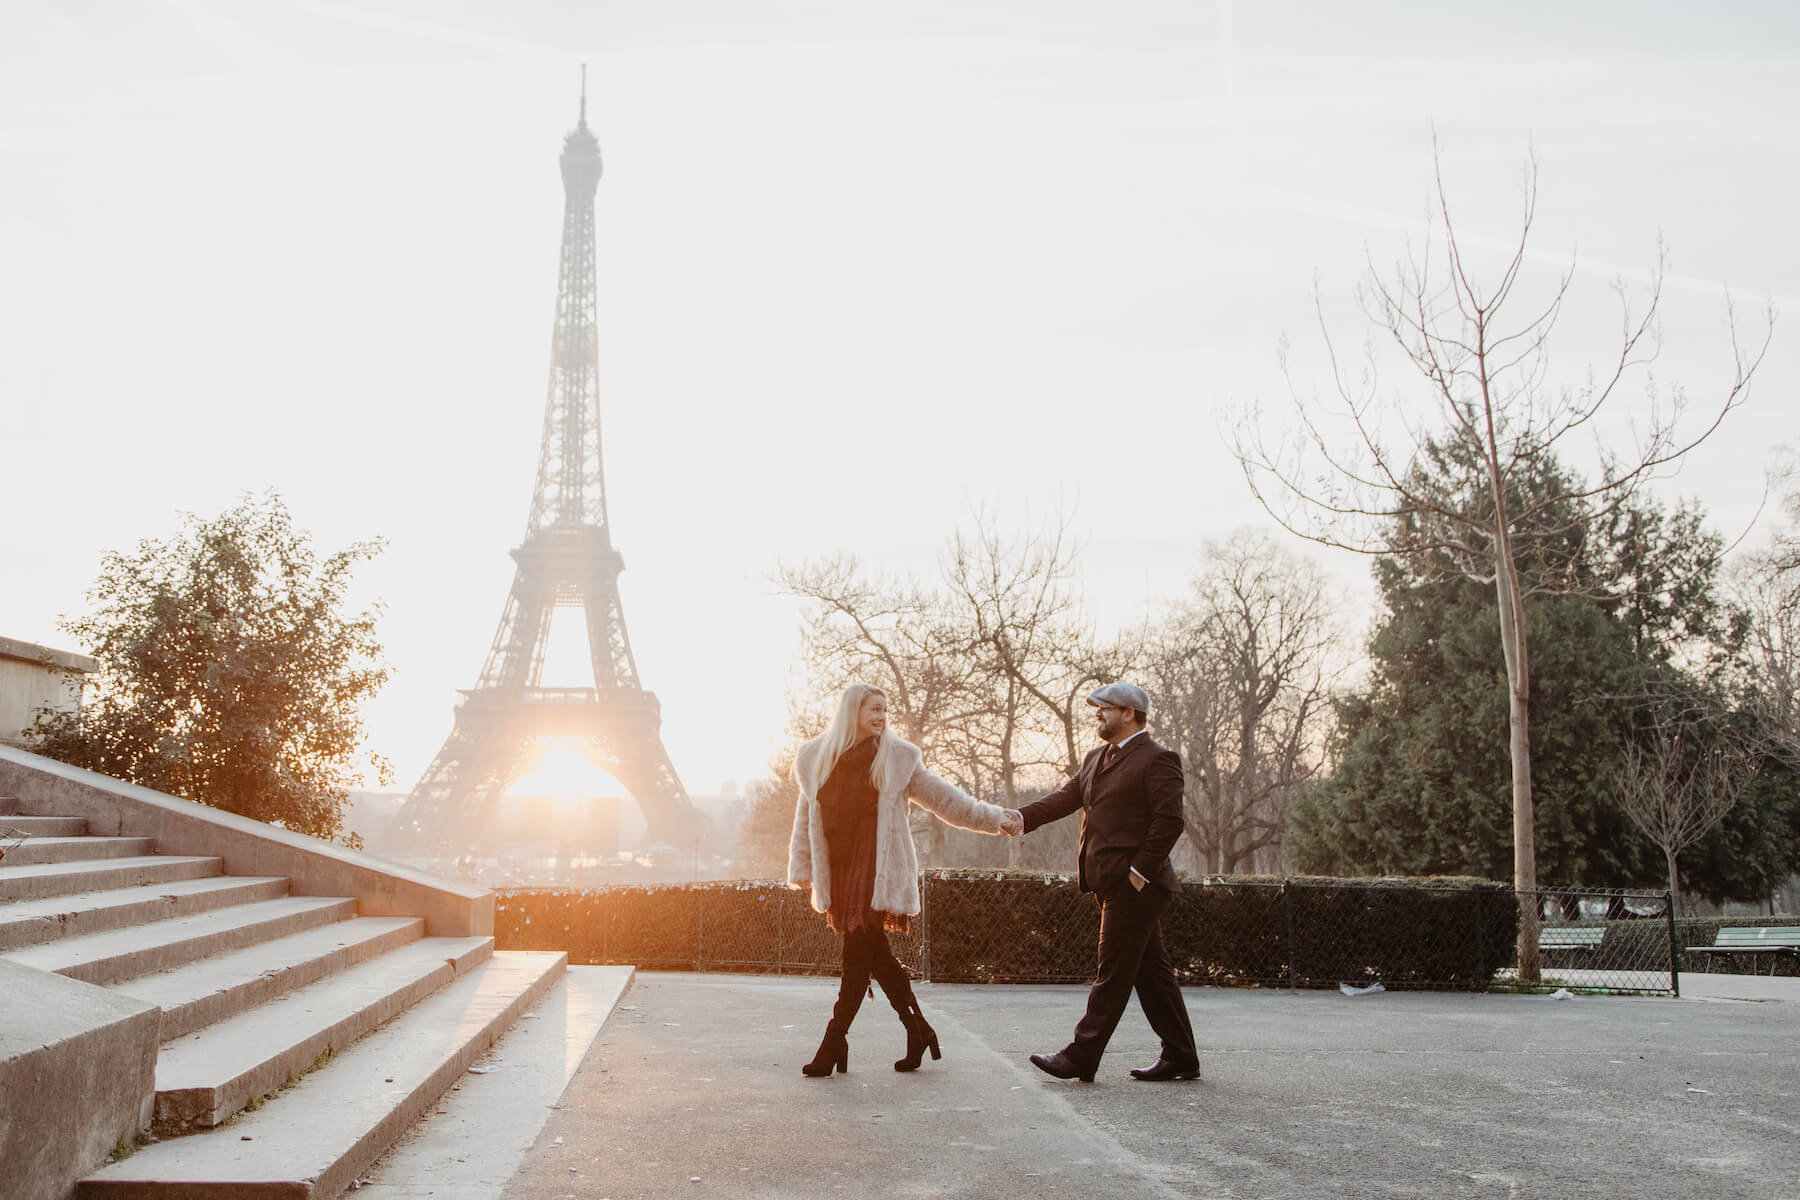 paris-12-31-2019-proposal-69_original